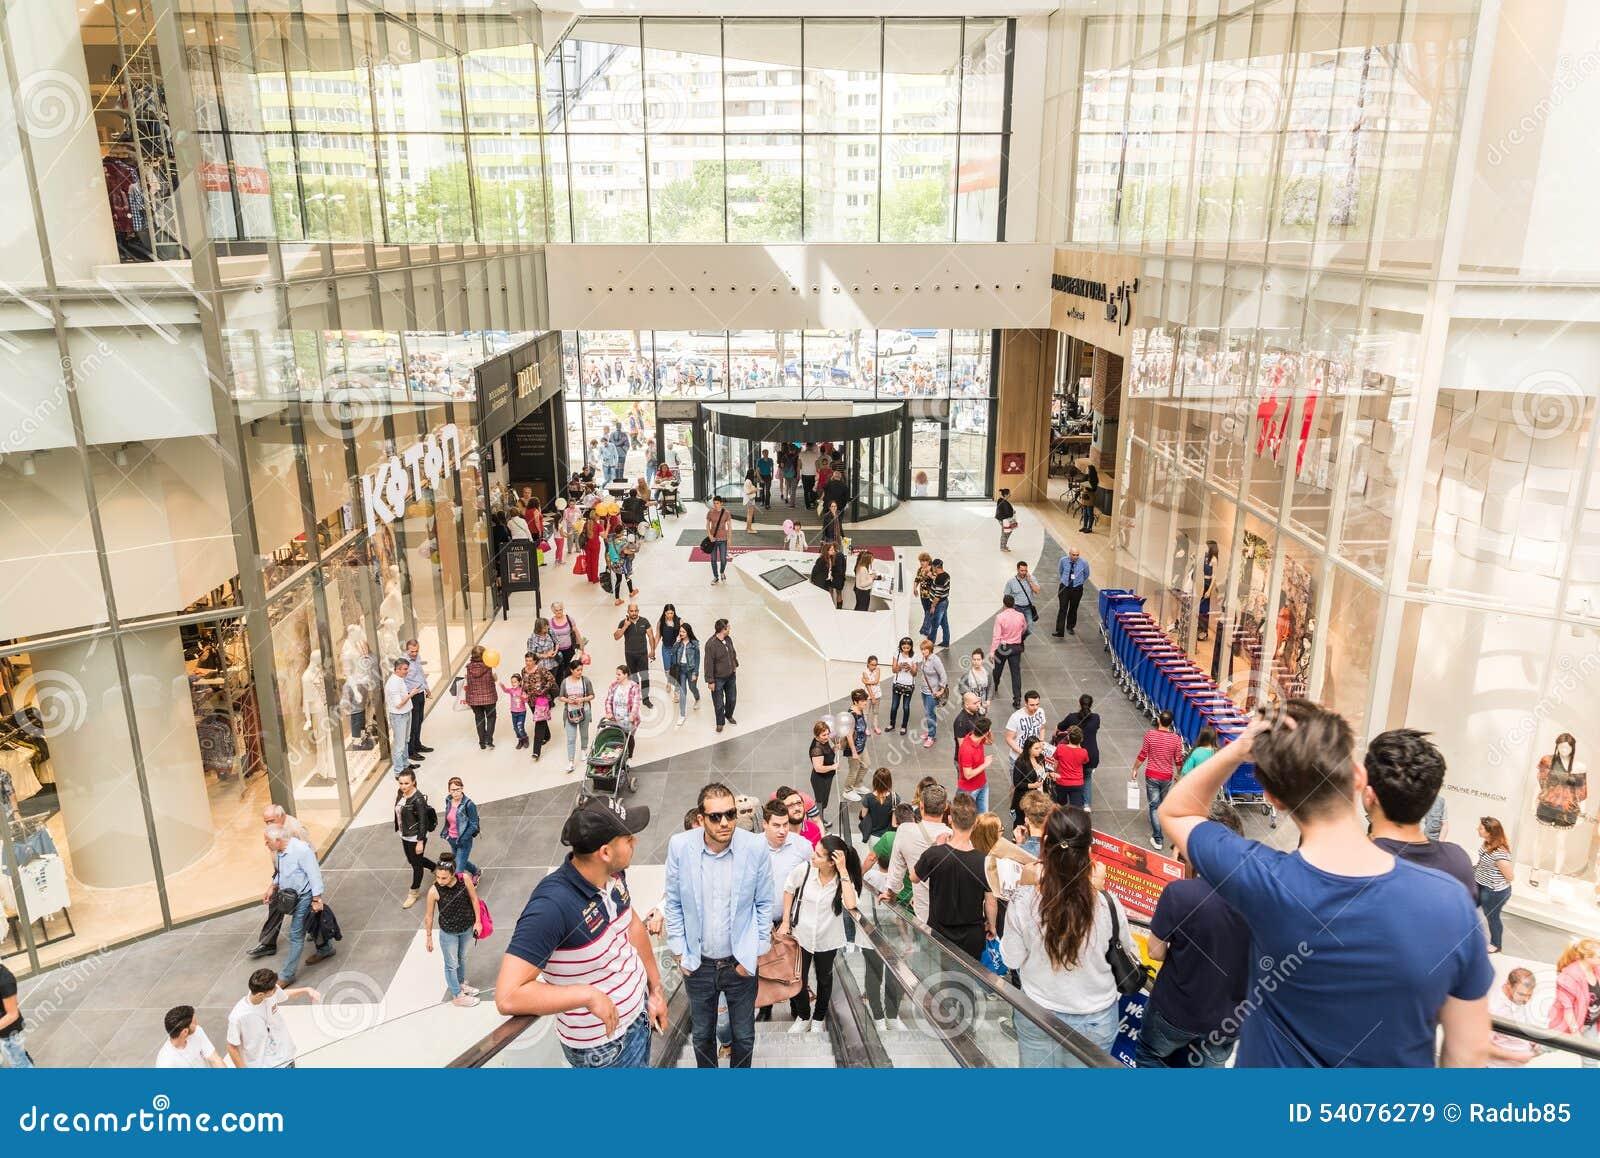 De mensen overbevolken op Roltrappen in Luxewinkelcomplex